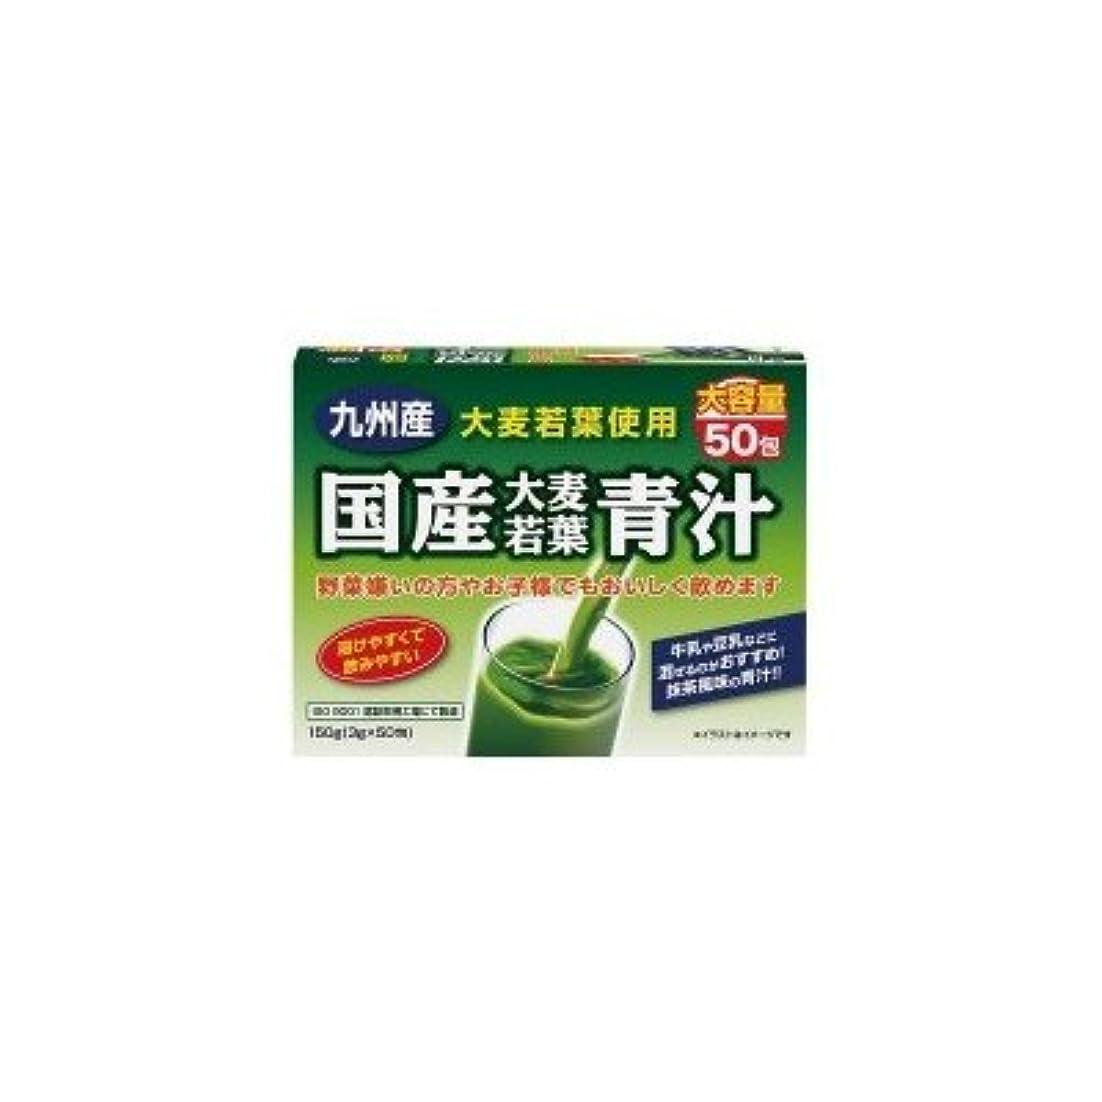 花輪偏心ミュウミュウユーワ 九州産大麦若葉使用 国産大麦若葉青汁 150g(3g×50包) 3888